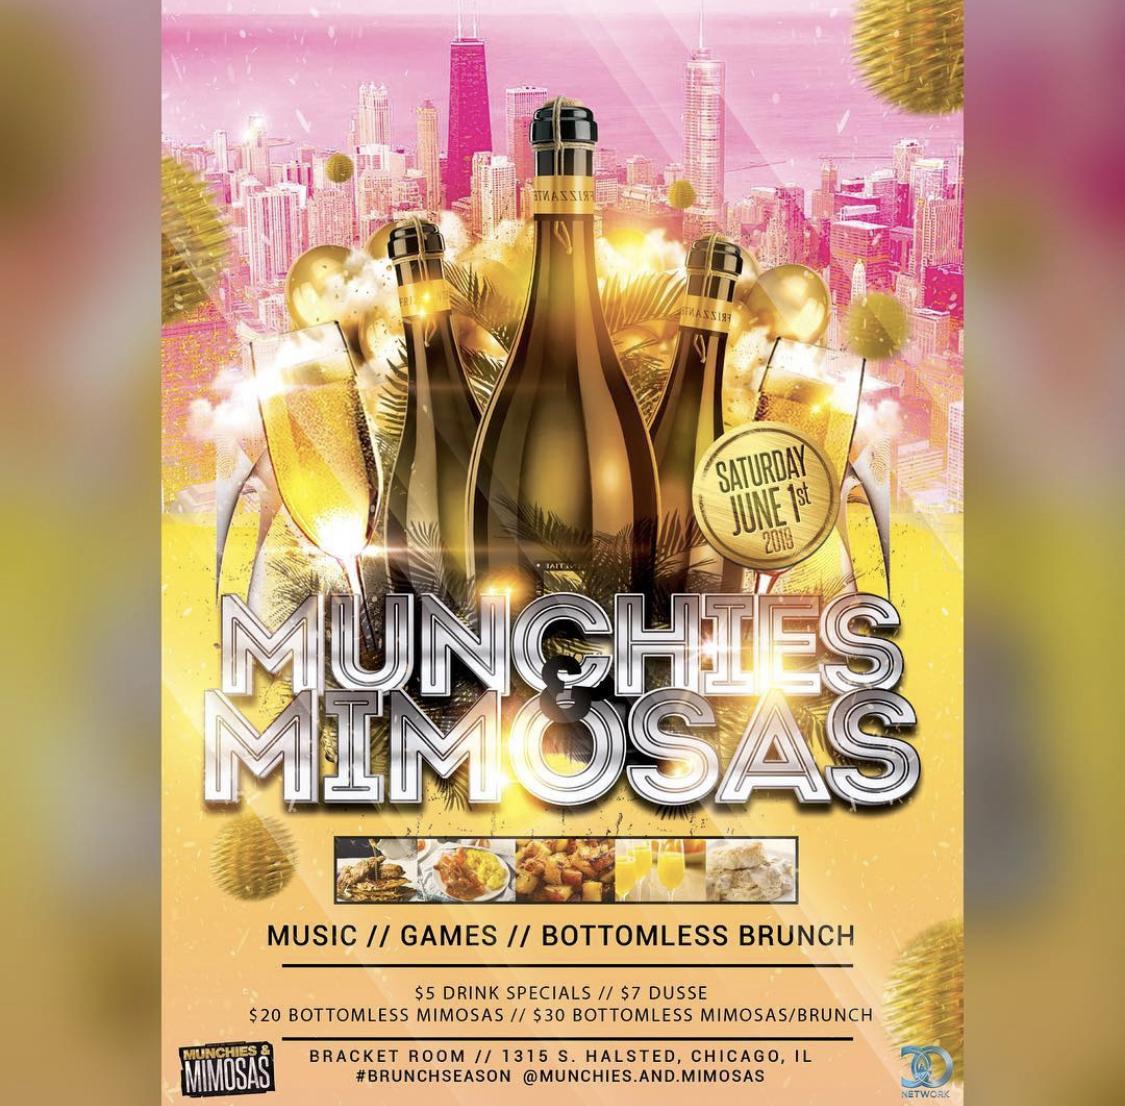 Munchies Chicago